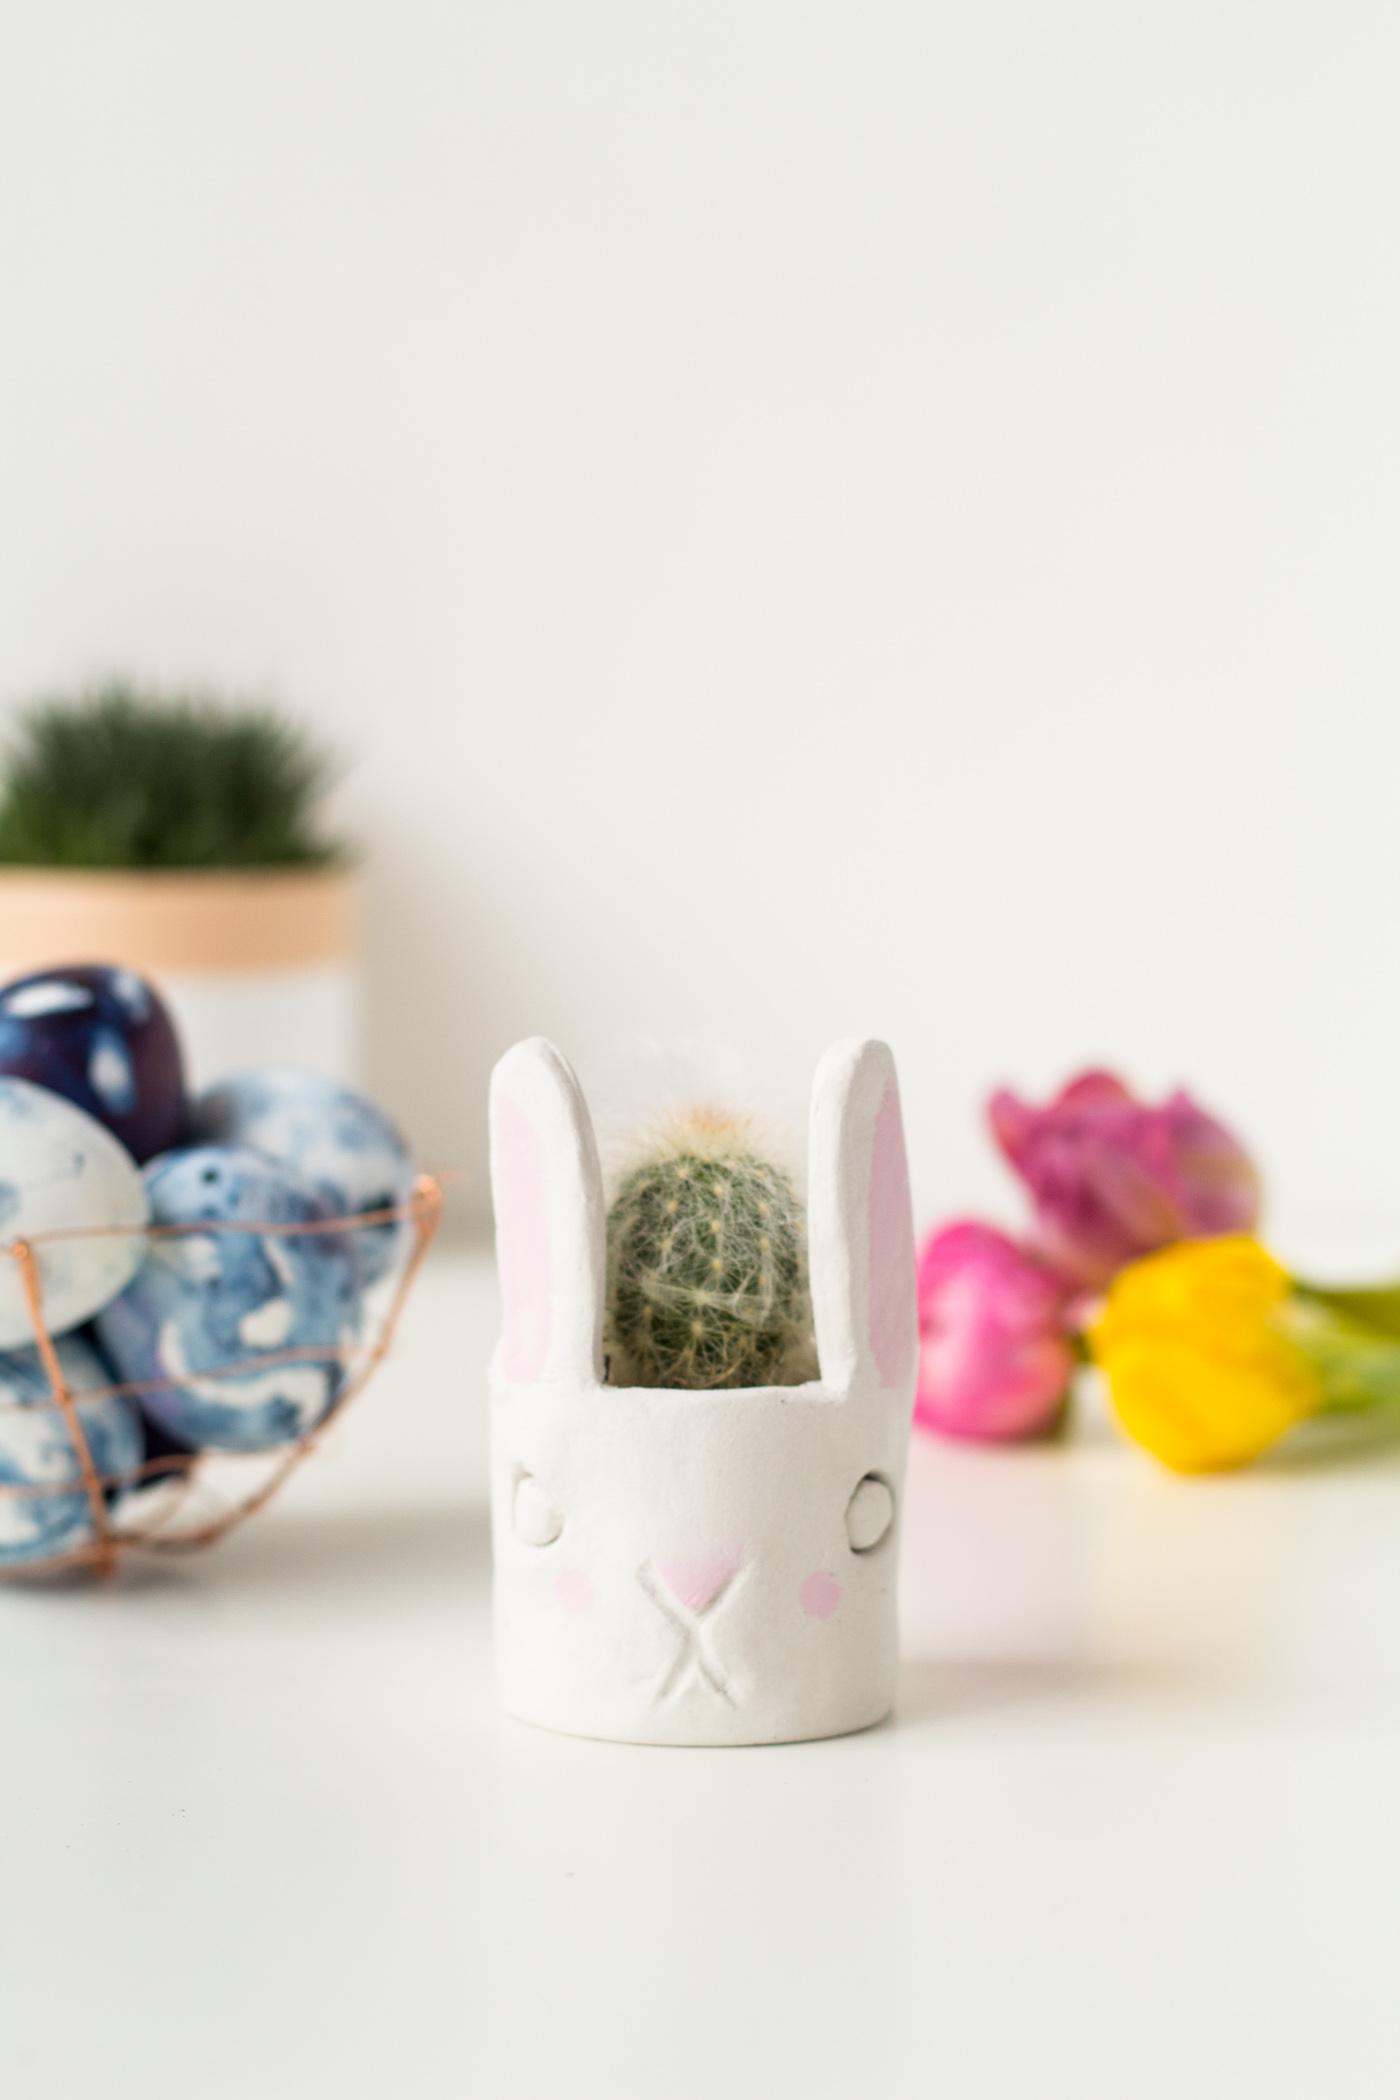 DIY Mini Cacti Bunny Planter | @fallfordiy-20